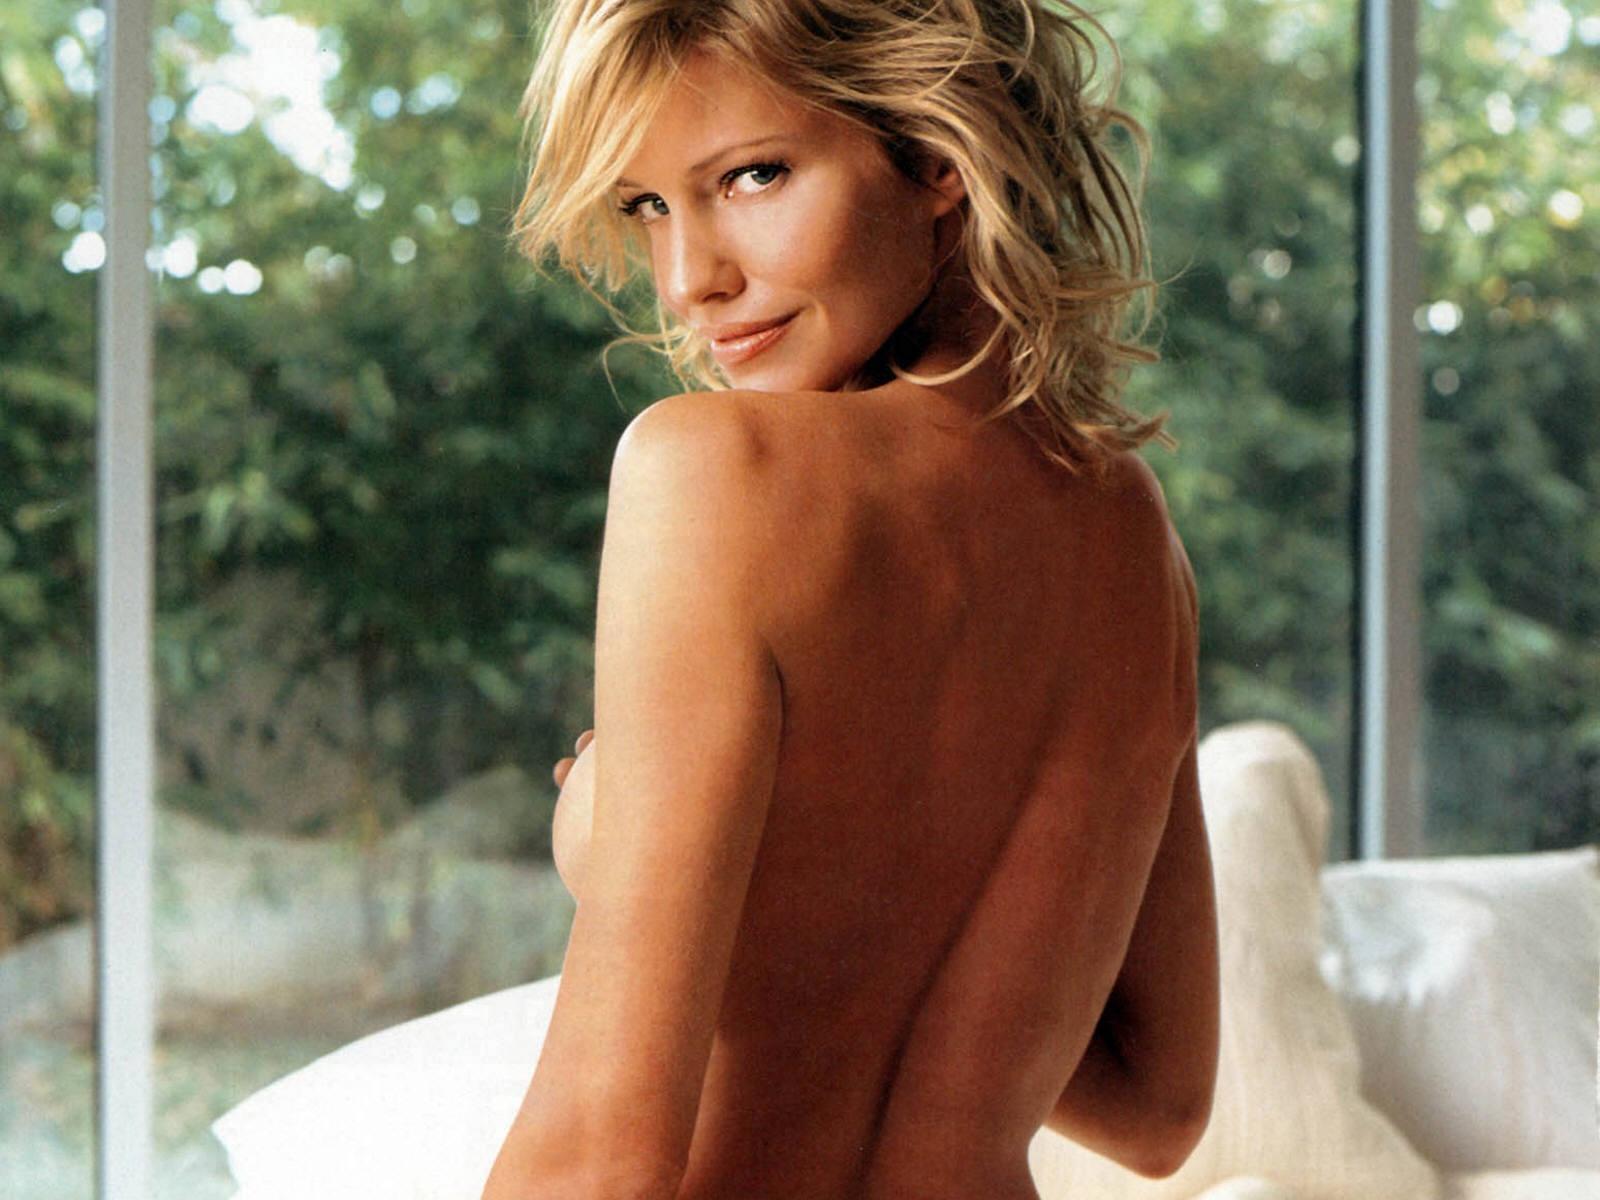 www.desi girls fat pics.com